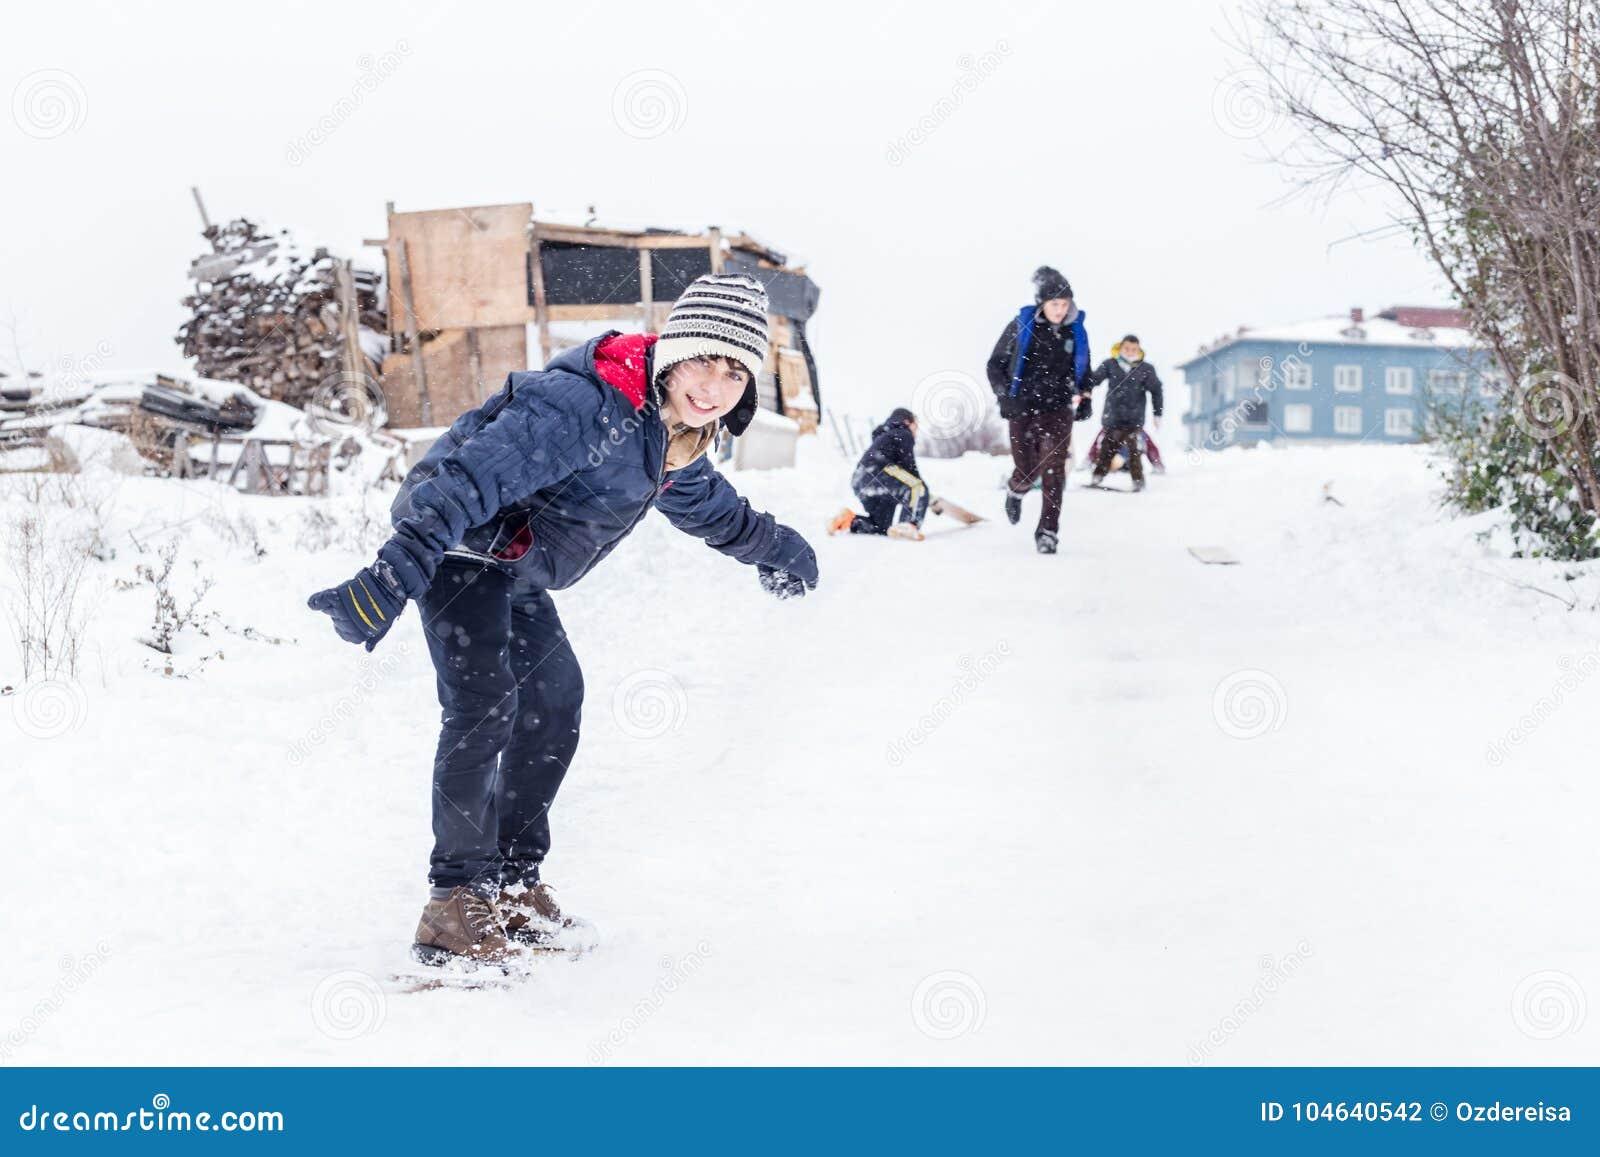 Download De Kinderen Glijden Op Sneeuw In Oude Schoolstijl Met Hardhout Redactionele Fotografie - Afbeelding bestaande uit kinderjaren, activiteit: 104640542